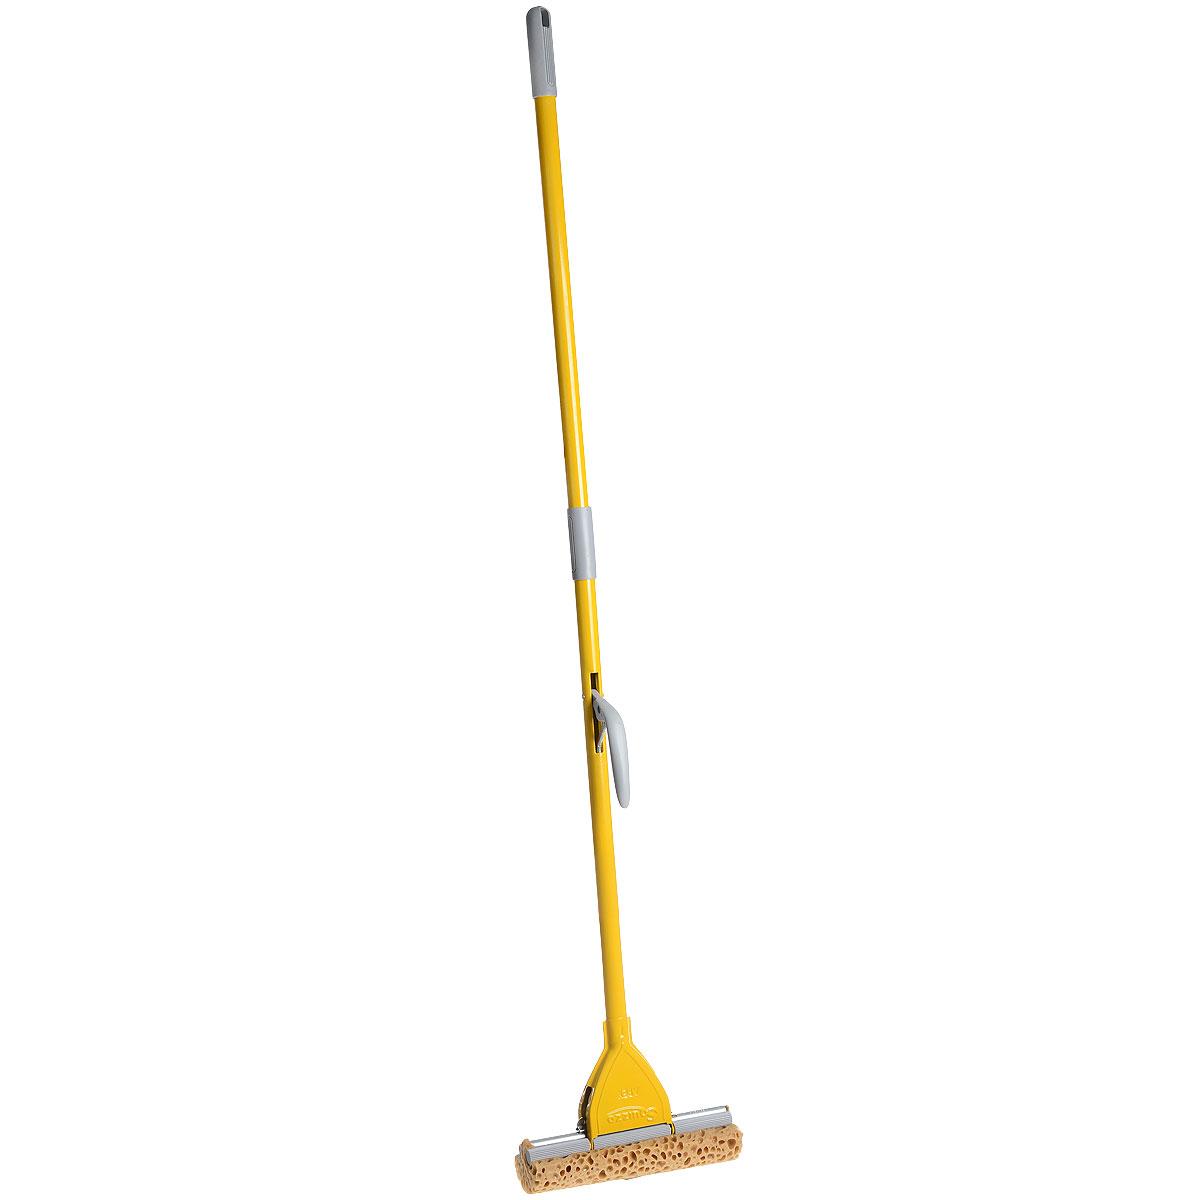 Швабра Apex Minor, с отжимом, цвет: желтый, серый, 28 смVCA-00Швабра Apex Minor предназначена для уборки в доме.Насадка, изготовленная из поролона, крепится к стальной трубке. Насадка имеет специальную форму, которая позволяет легко и качественно мыть полы.Специальная система отжима позволяет отжимать воду более эффективно, чем вручную.Ширина рабочей поверхности: 28 см.Длина ручки: 130 см.